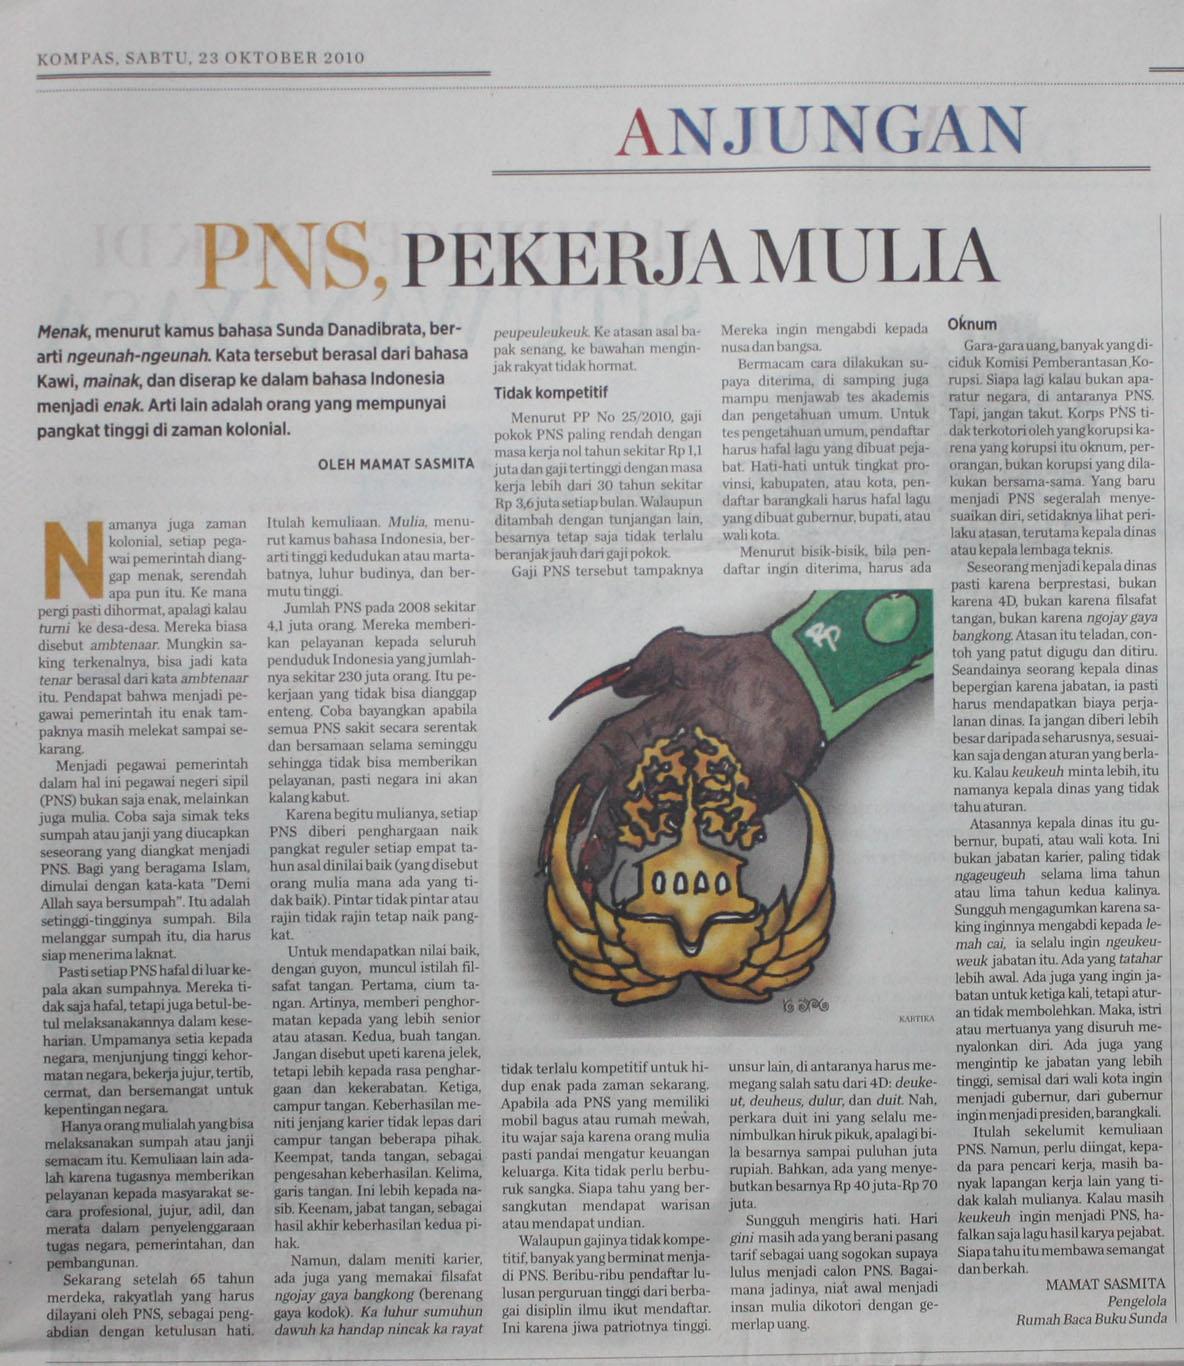 Rumah Baca Buku Sunda Pns Pekerja Mulia